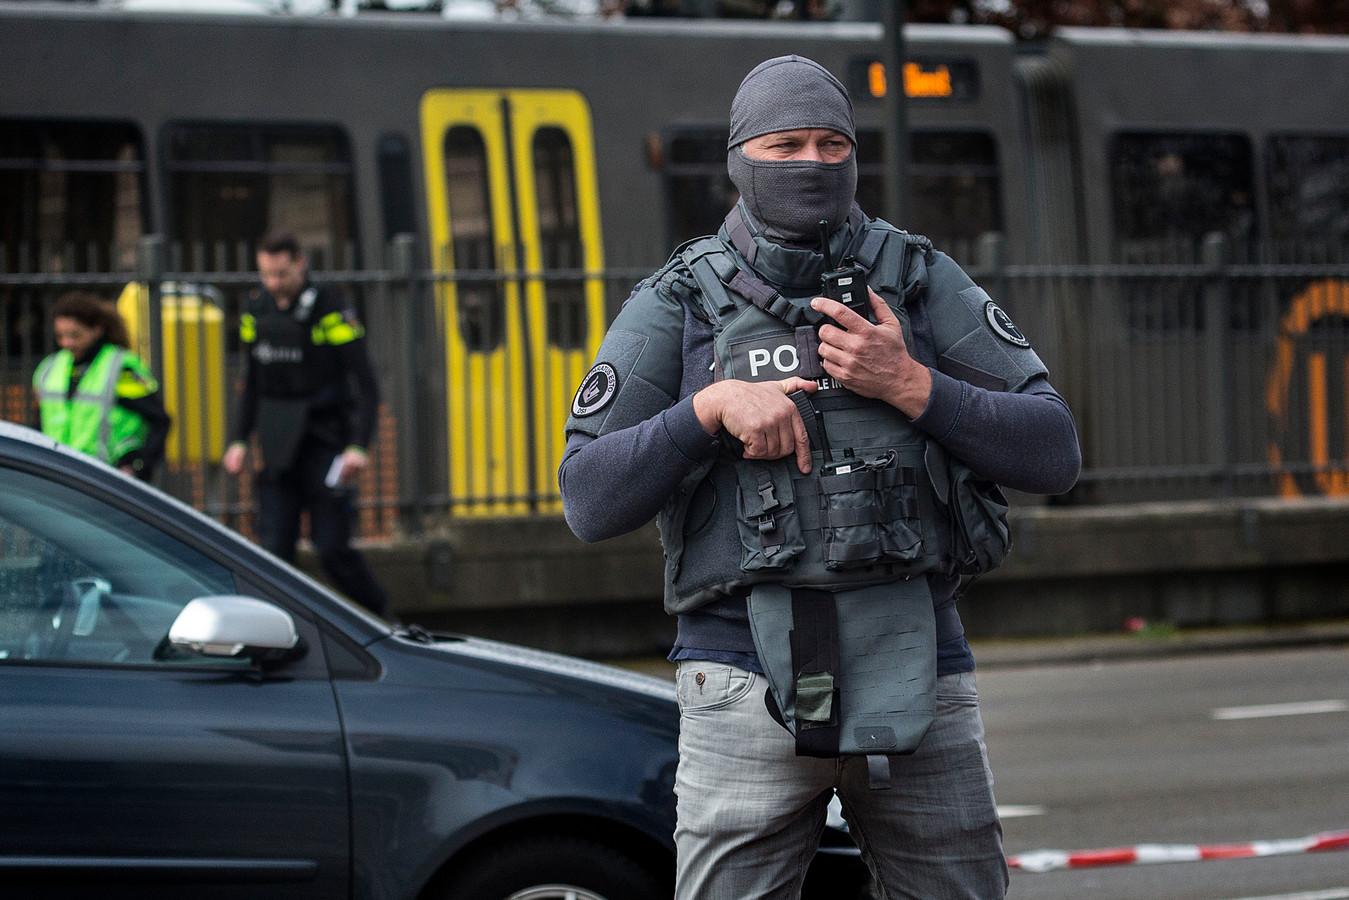 De Dienst Speciale Interventies werd ingezet bij de aanslag op de tram, 18 maart 2019.